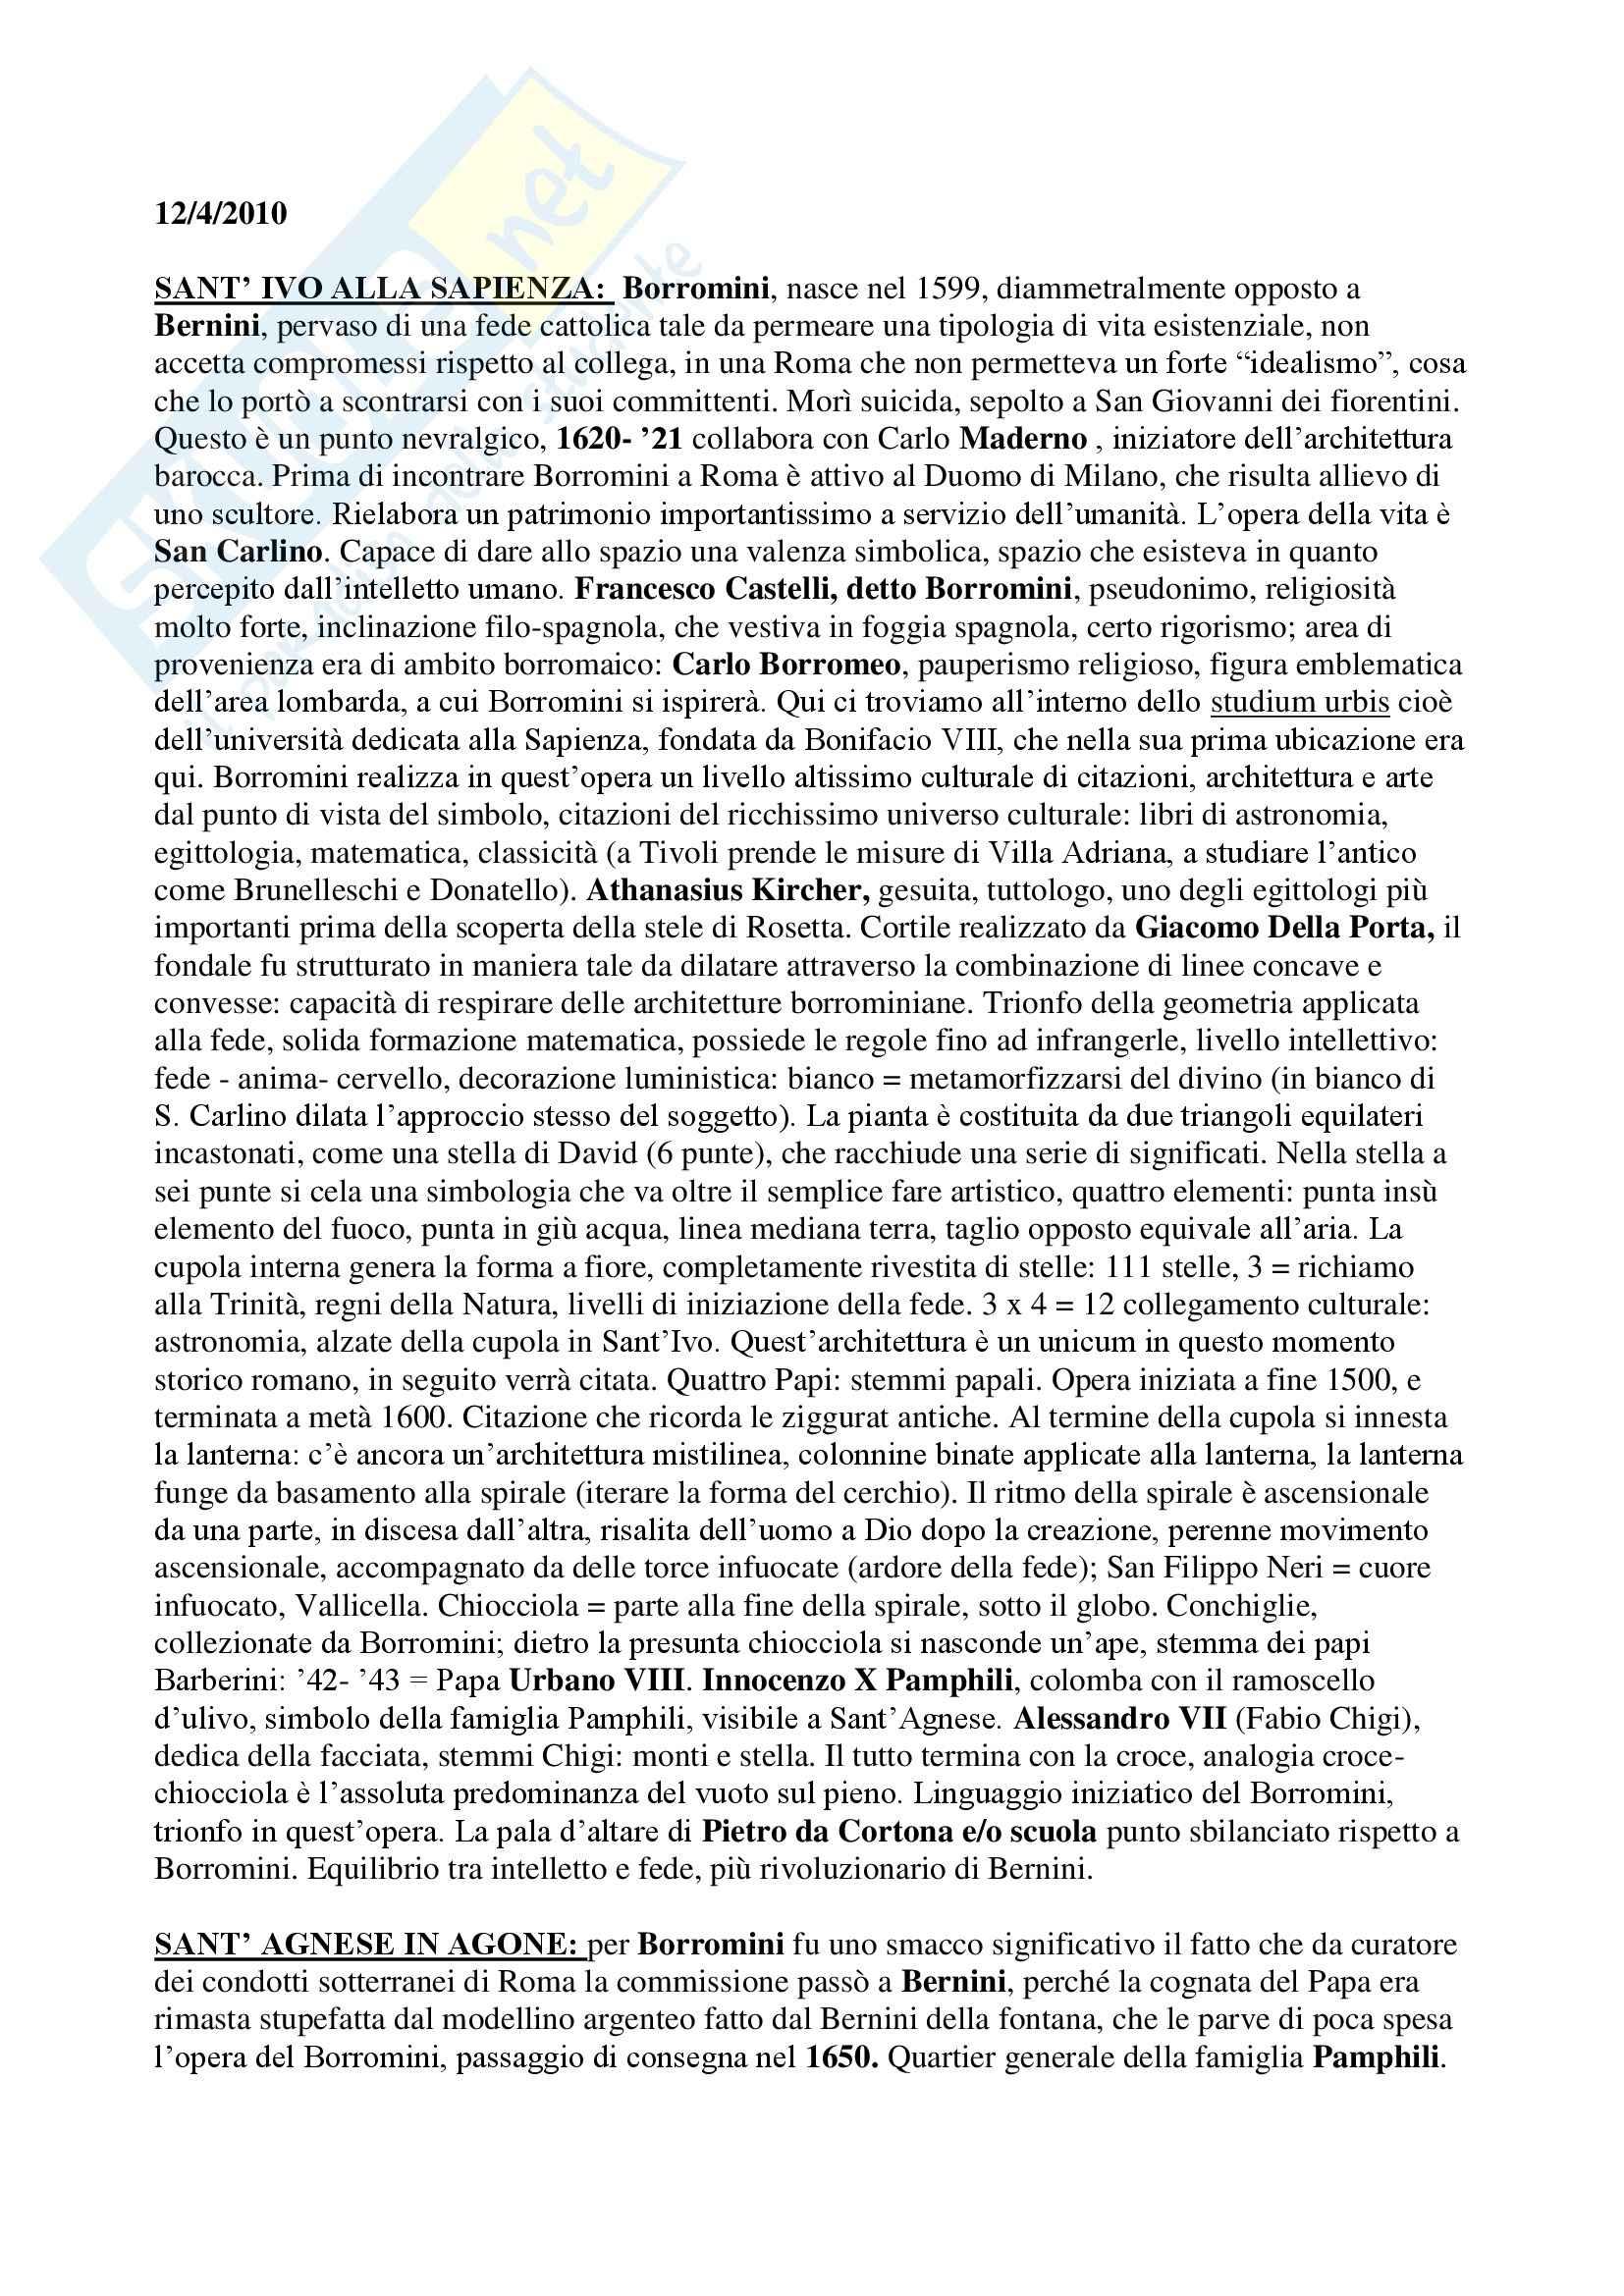 appunto S. Macioce Fondamenti di Storia dell'arte moderna II